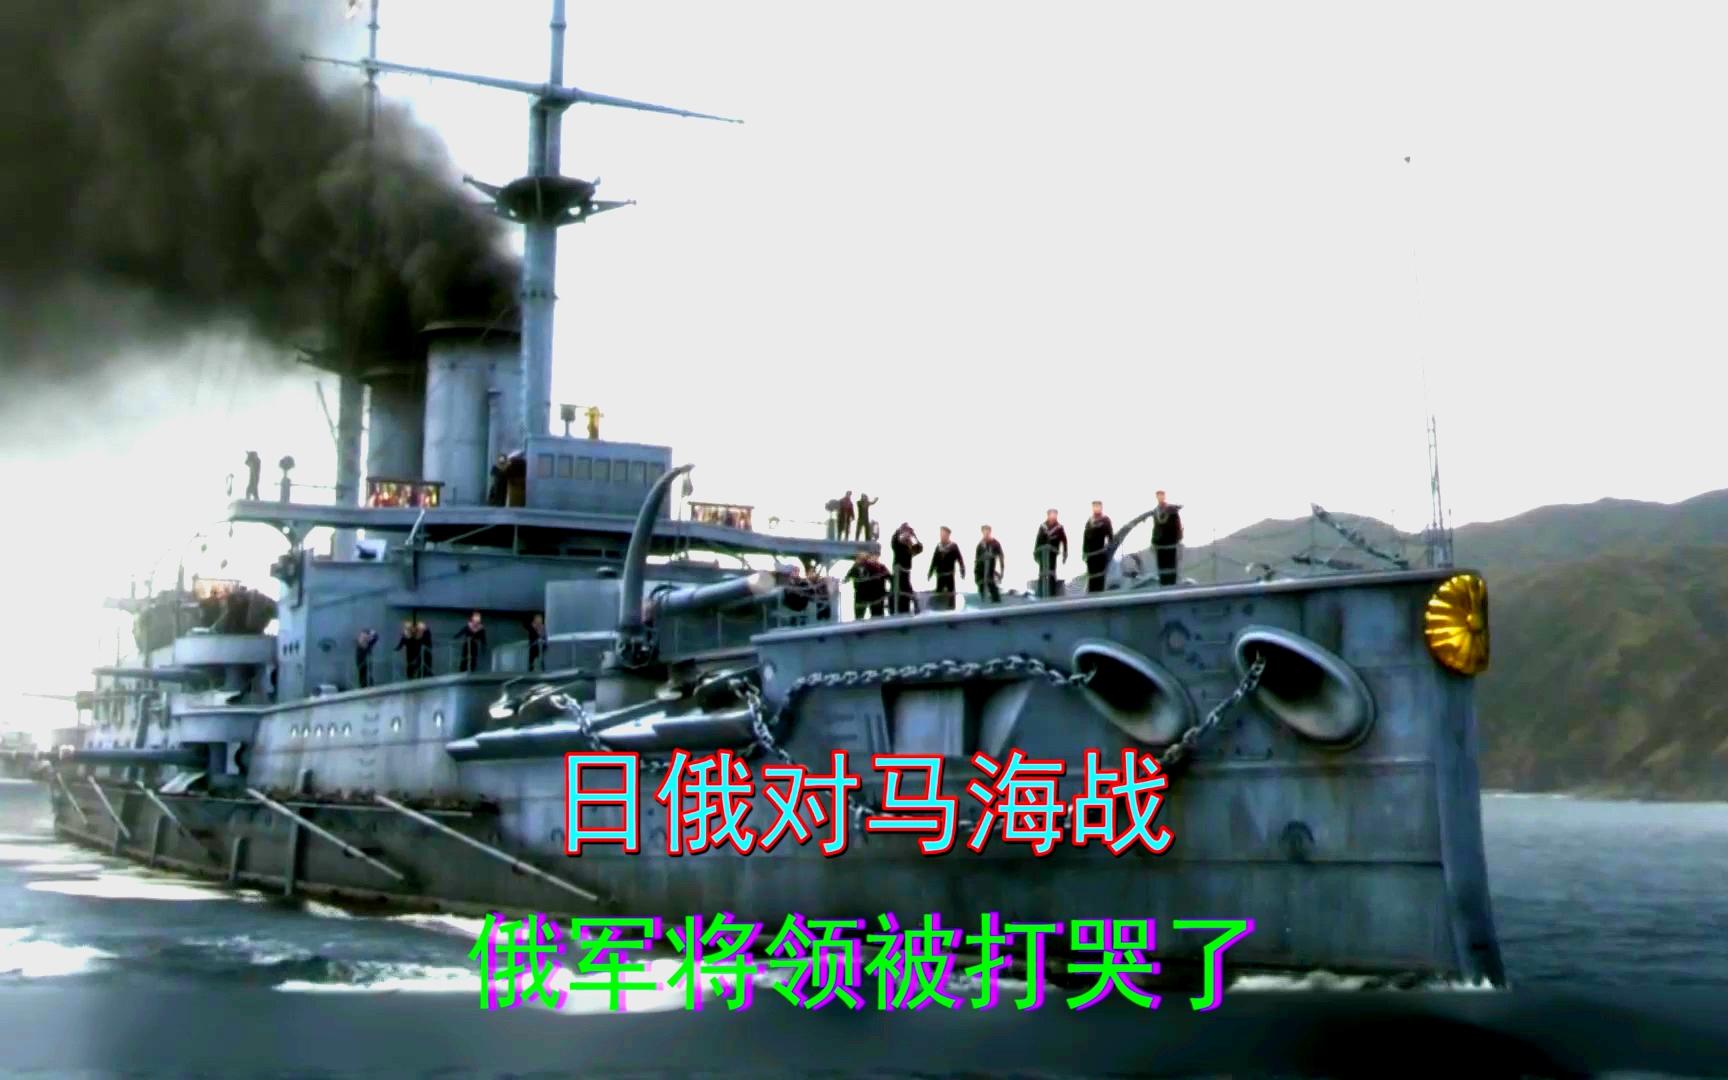 日本海军超级变态,对马海战打疯了,俄军将领都被打哭,战争片